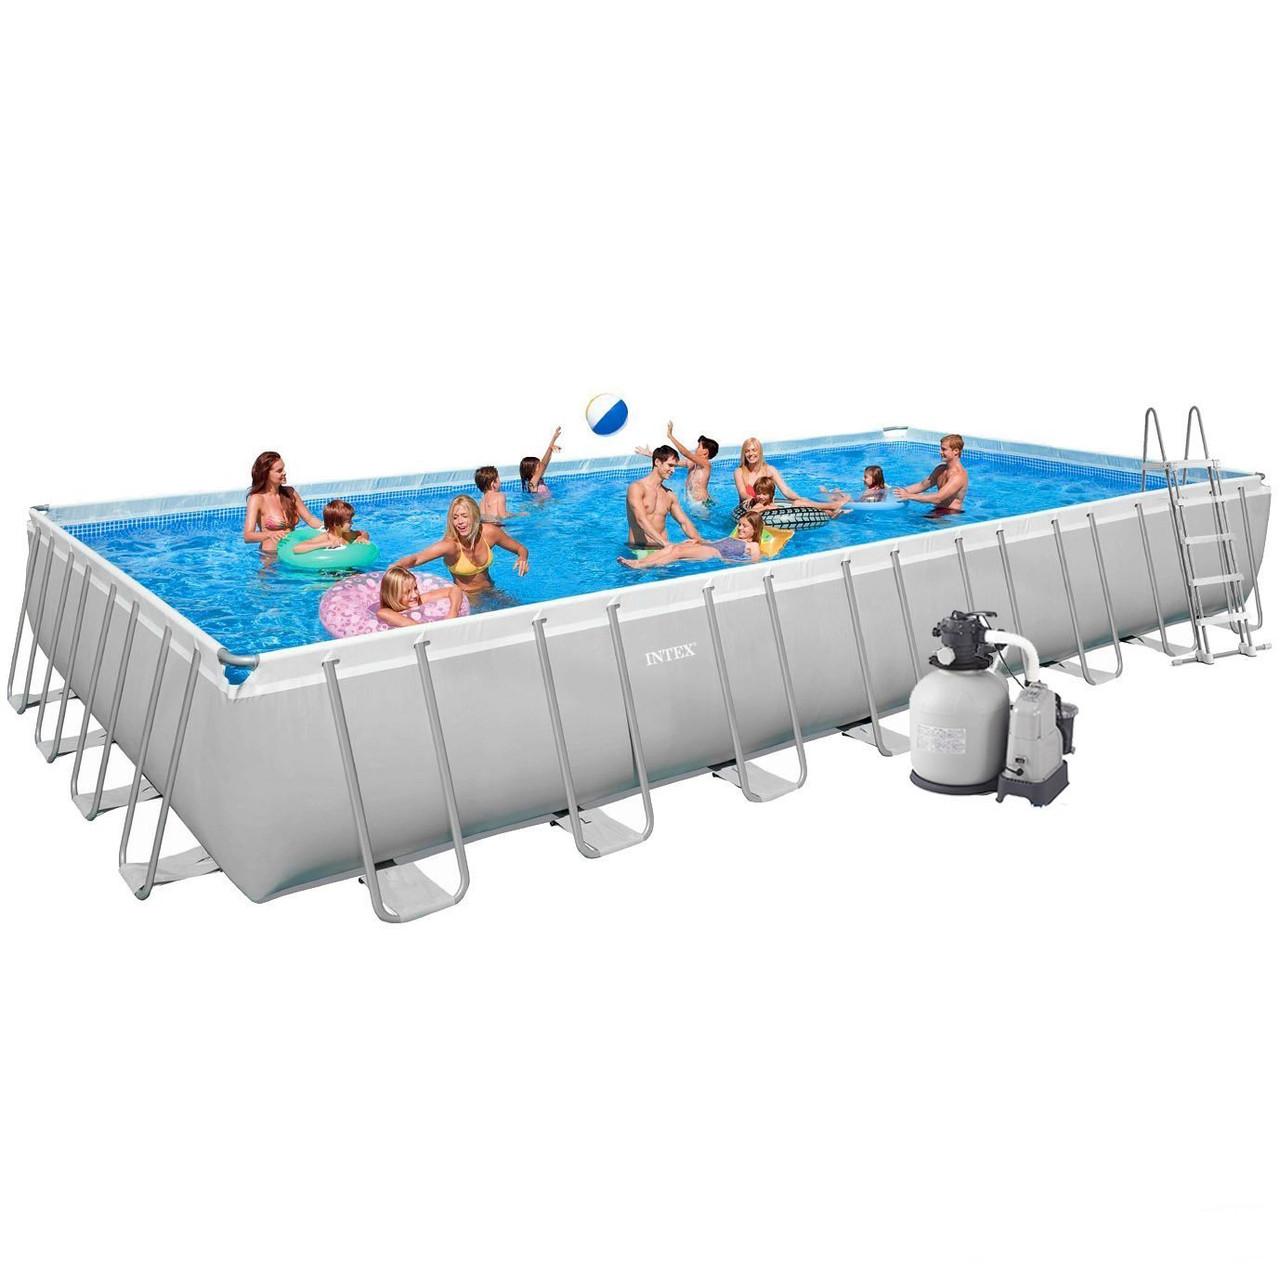 Каркасный бассейн Intex 28376 Pool 975х488х132 cм Басейн